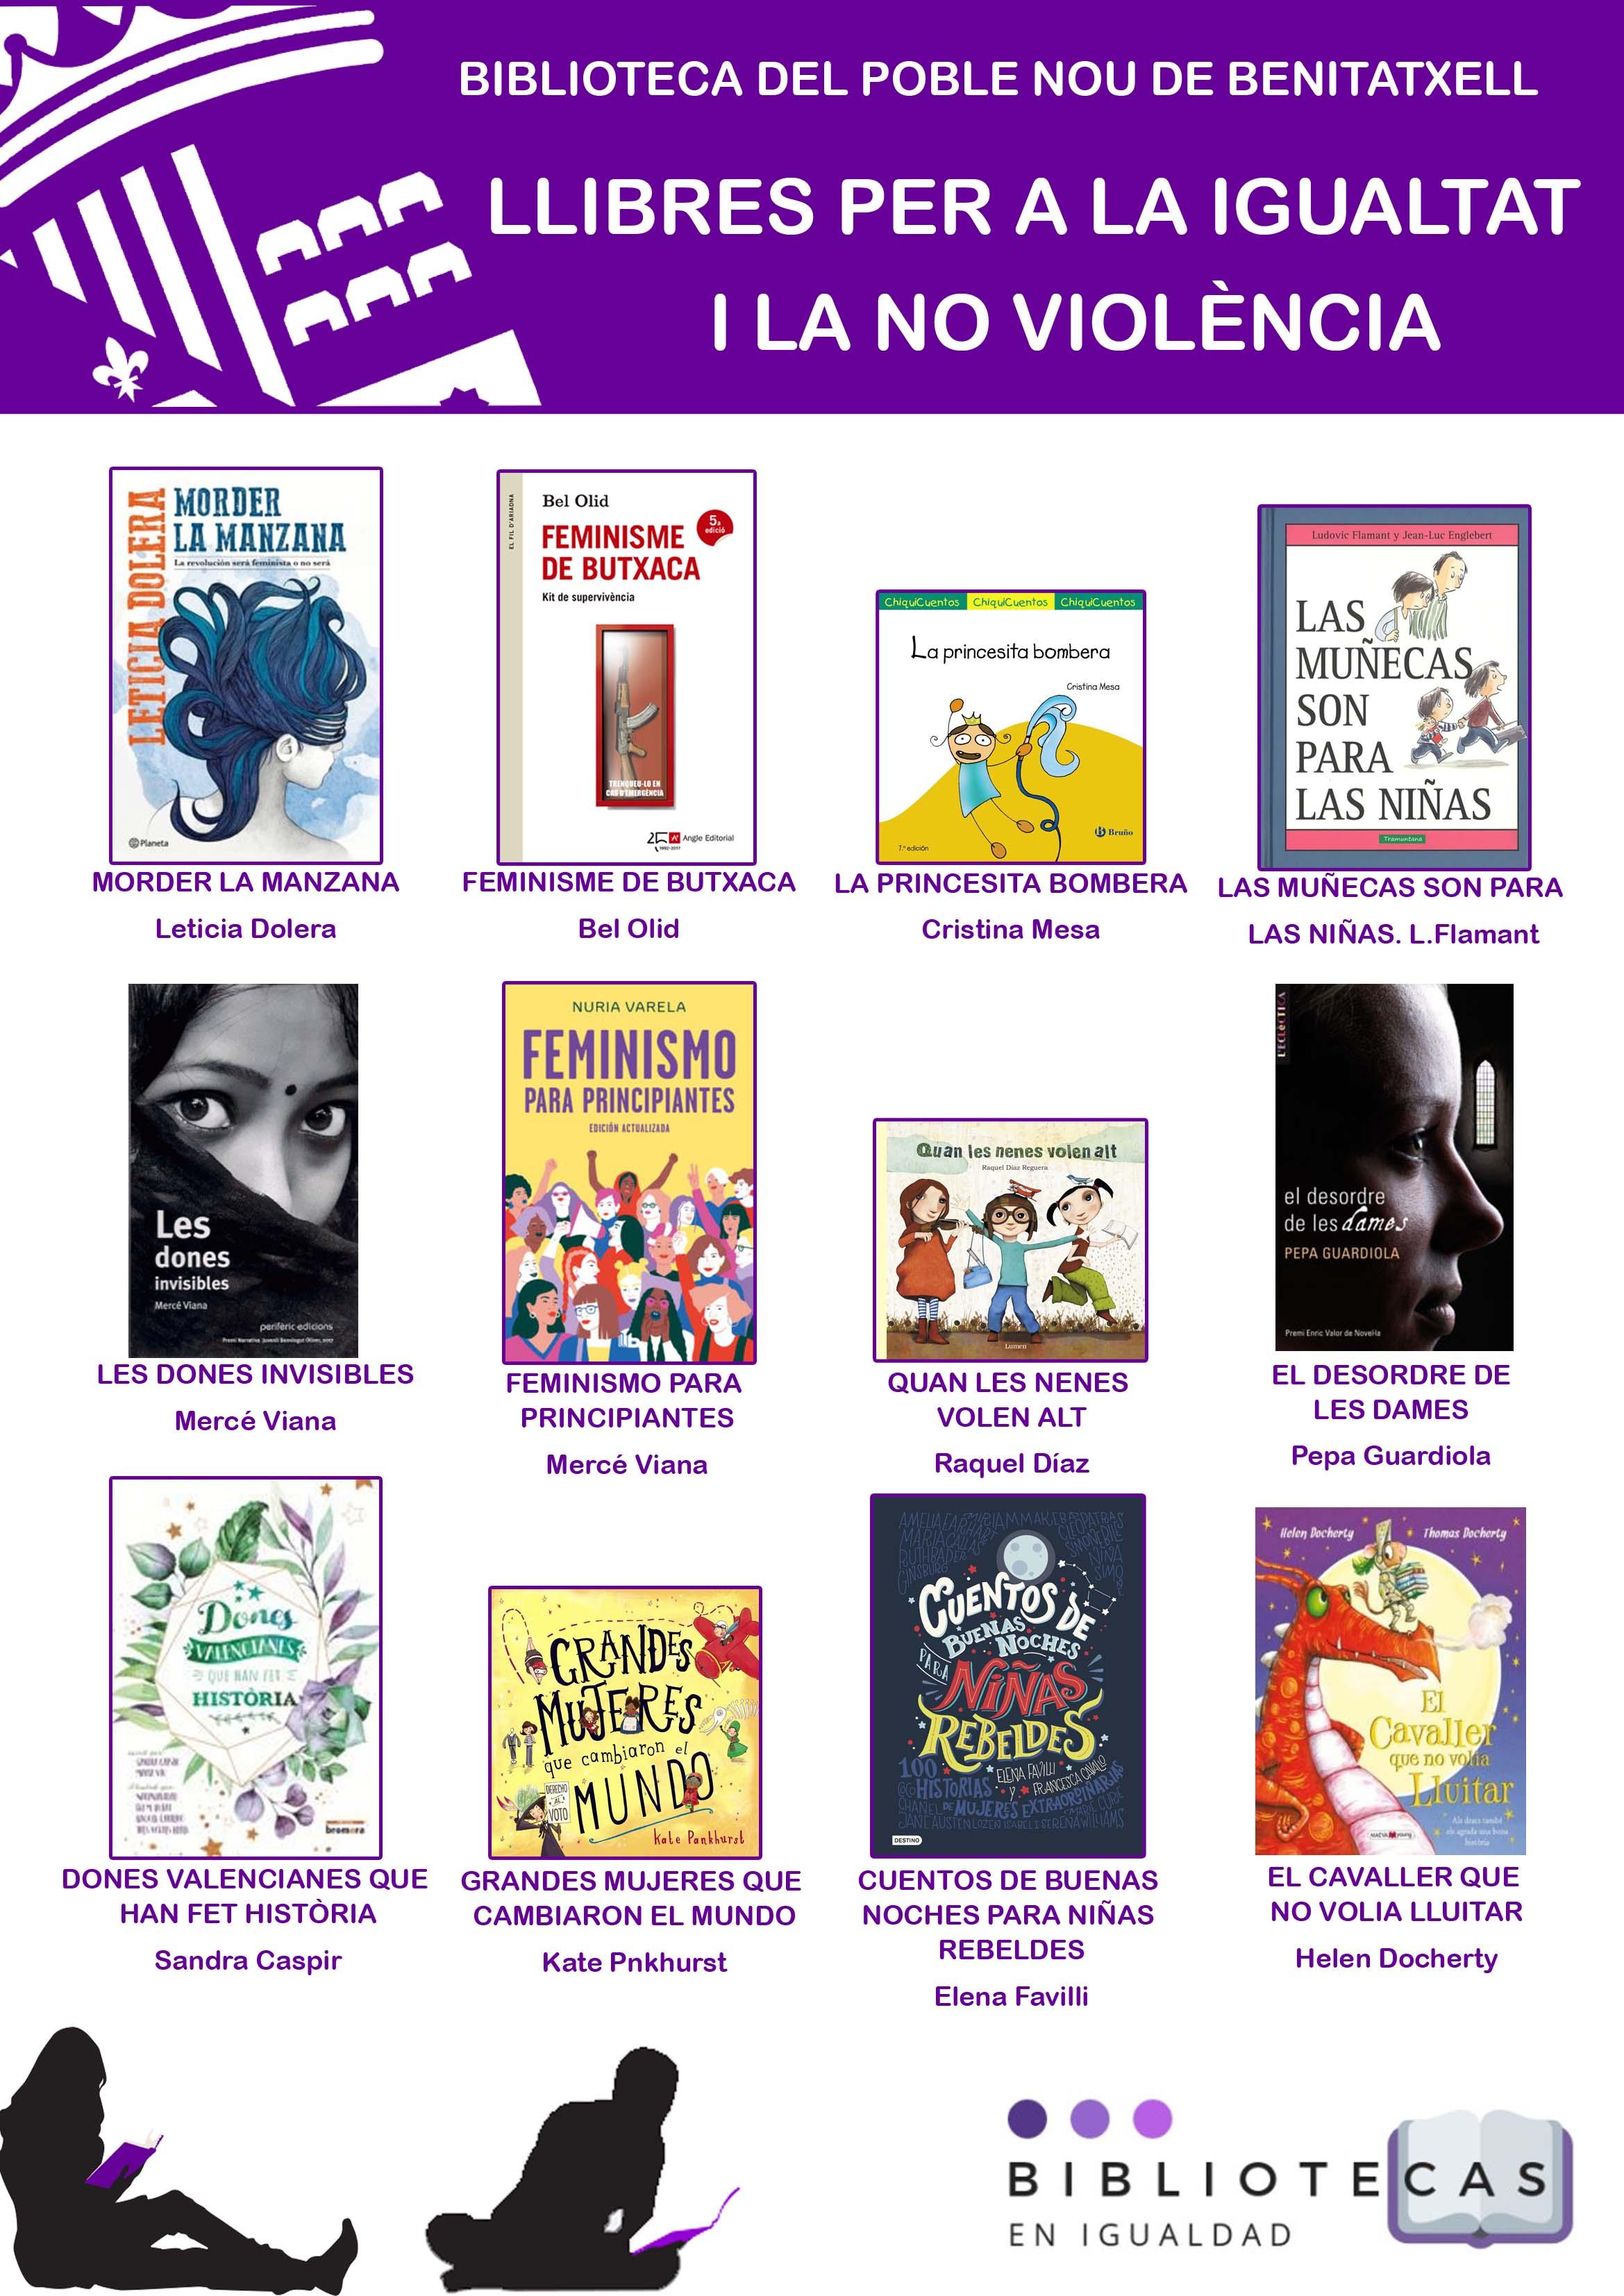 Boek over gelijkheid in Benitatxell